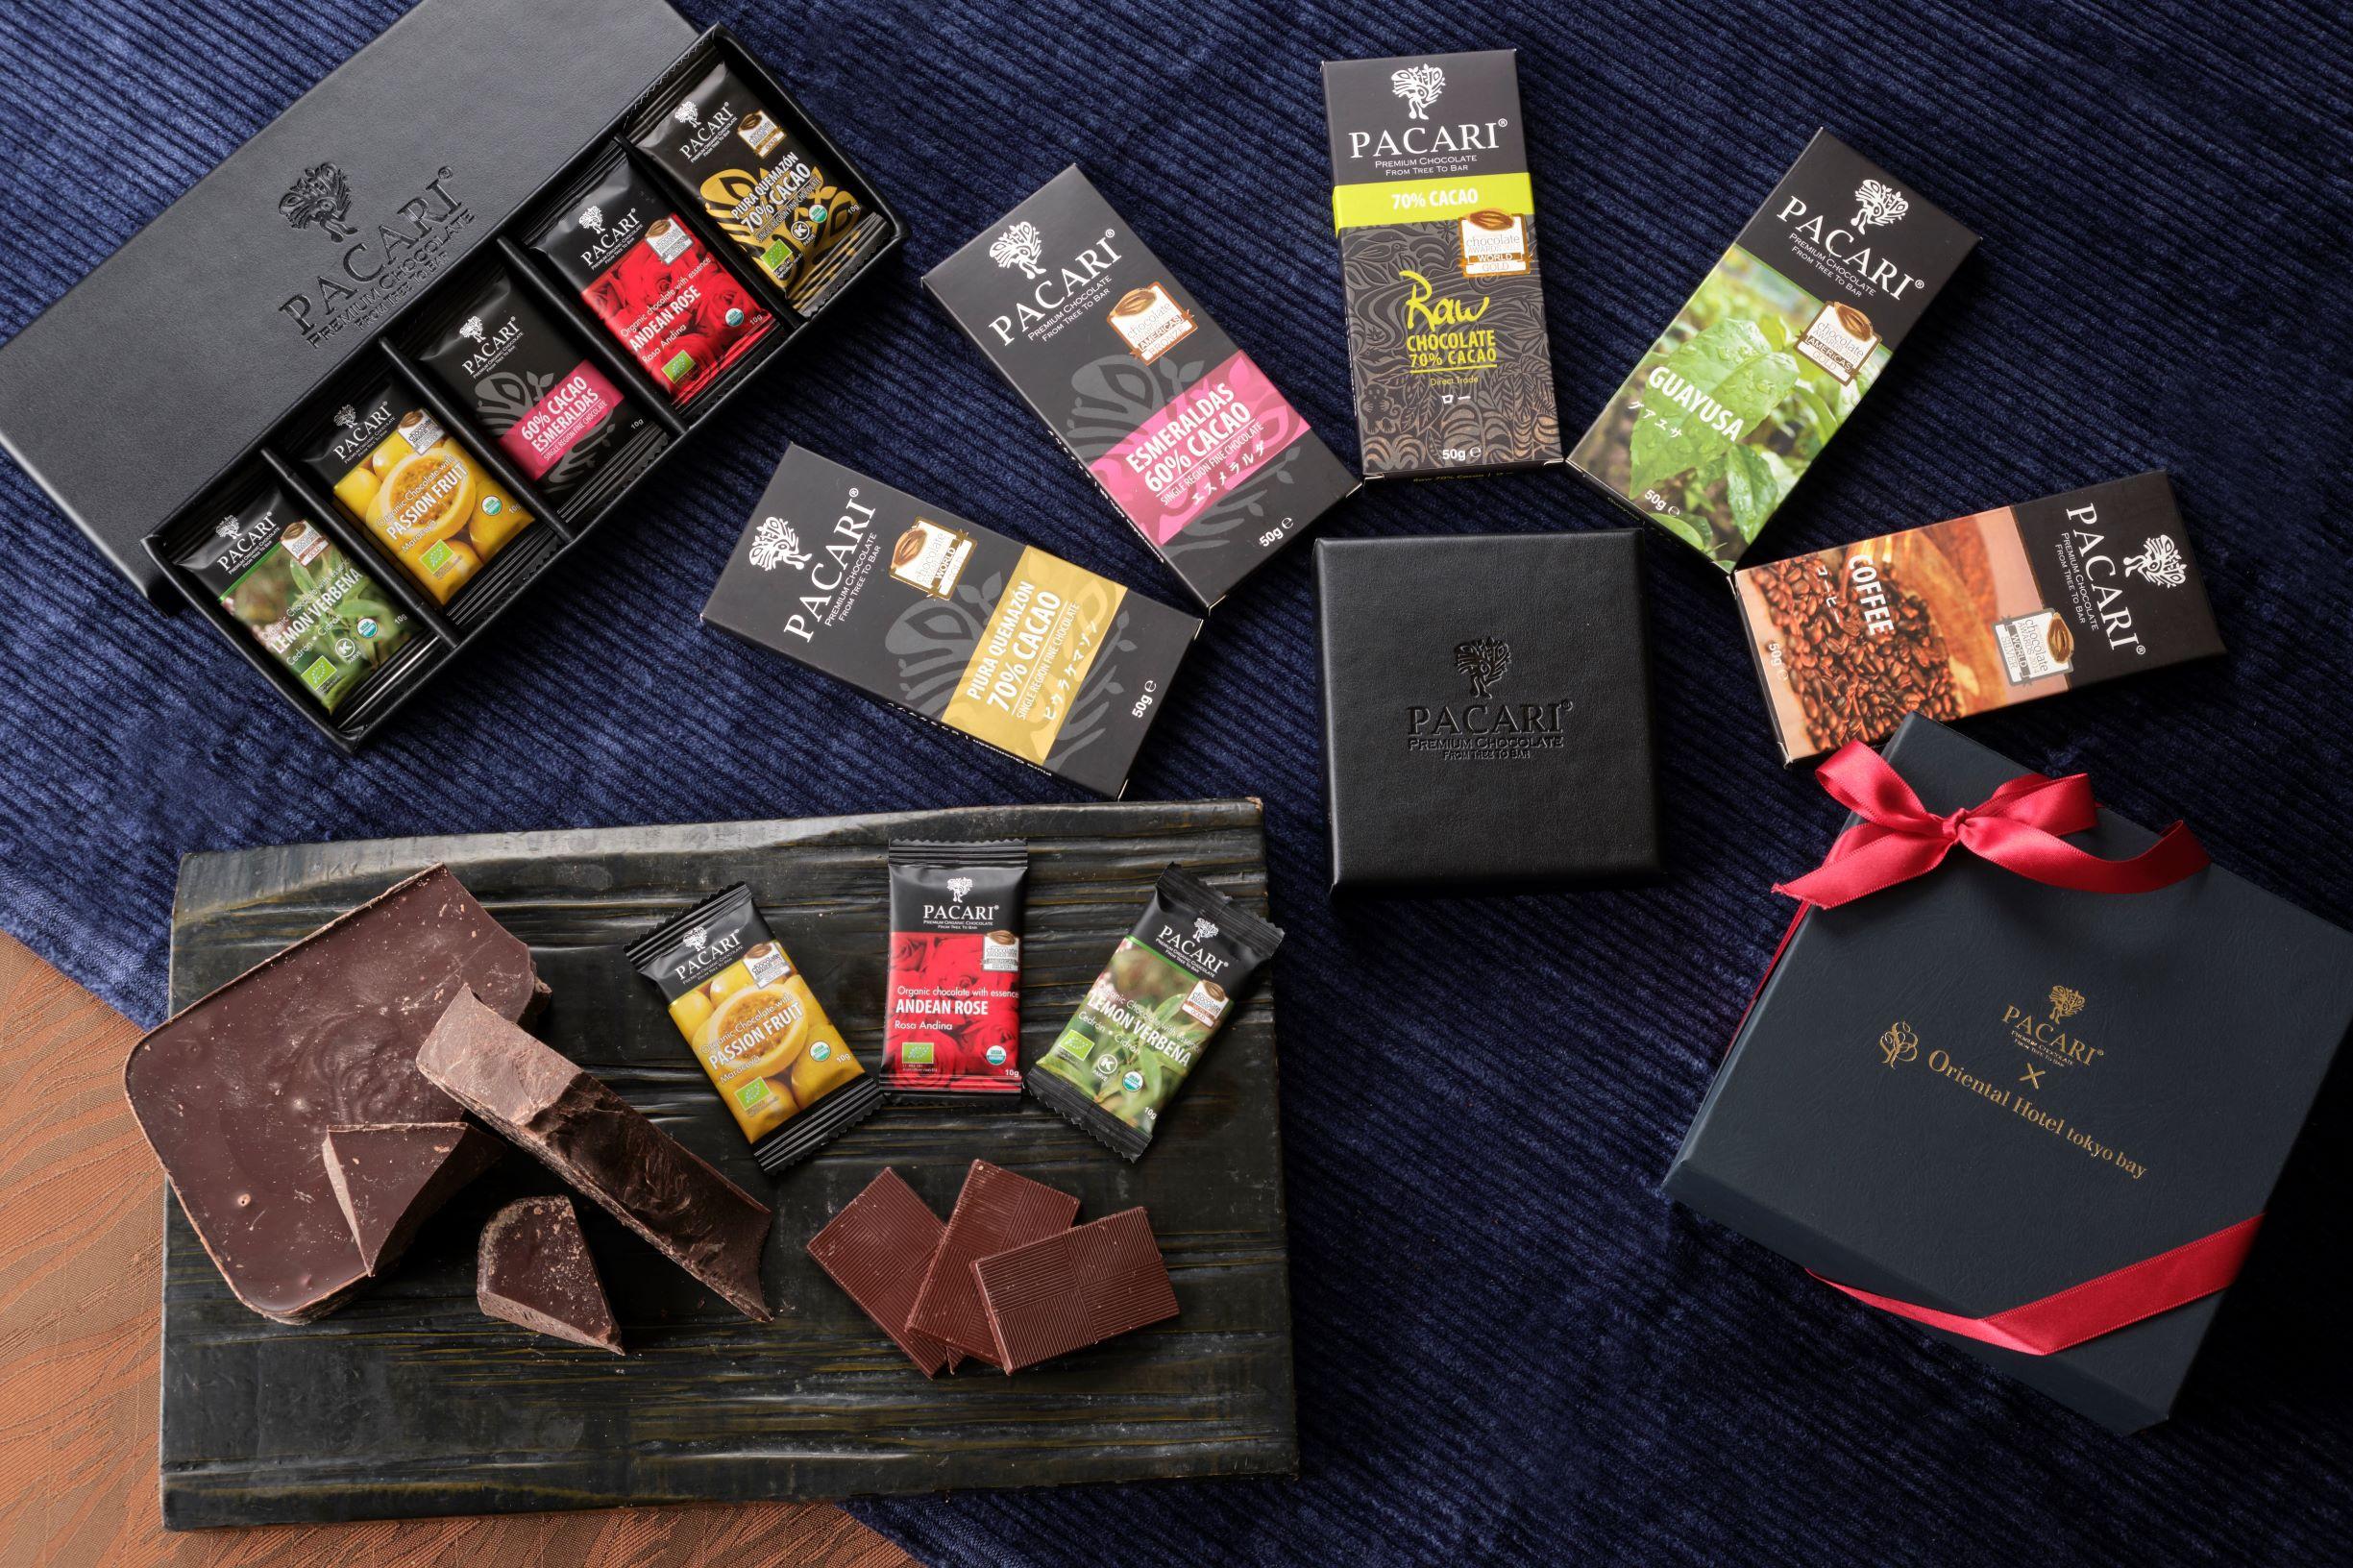 チョコレートバー チョコレートミニバー